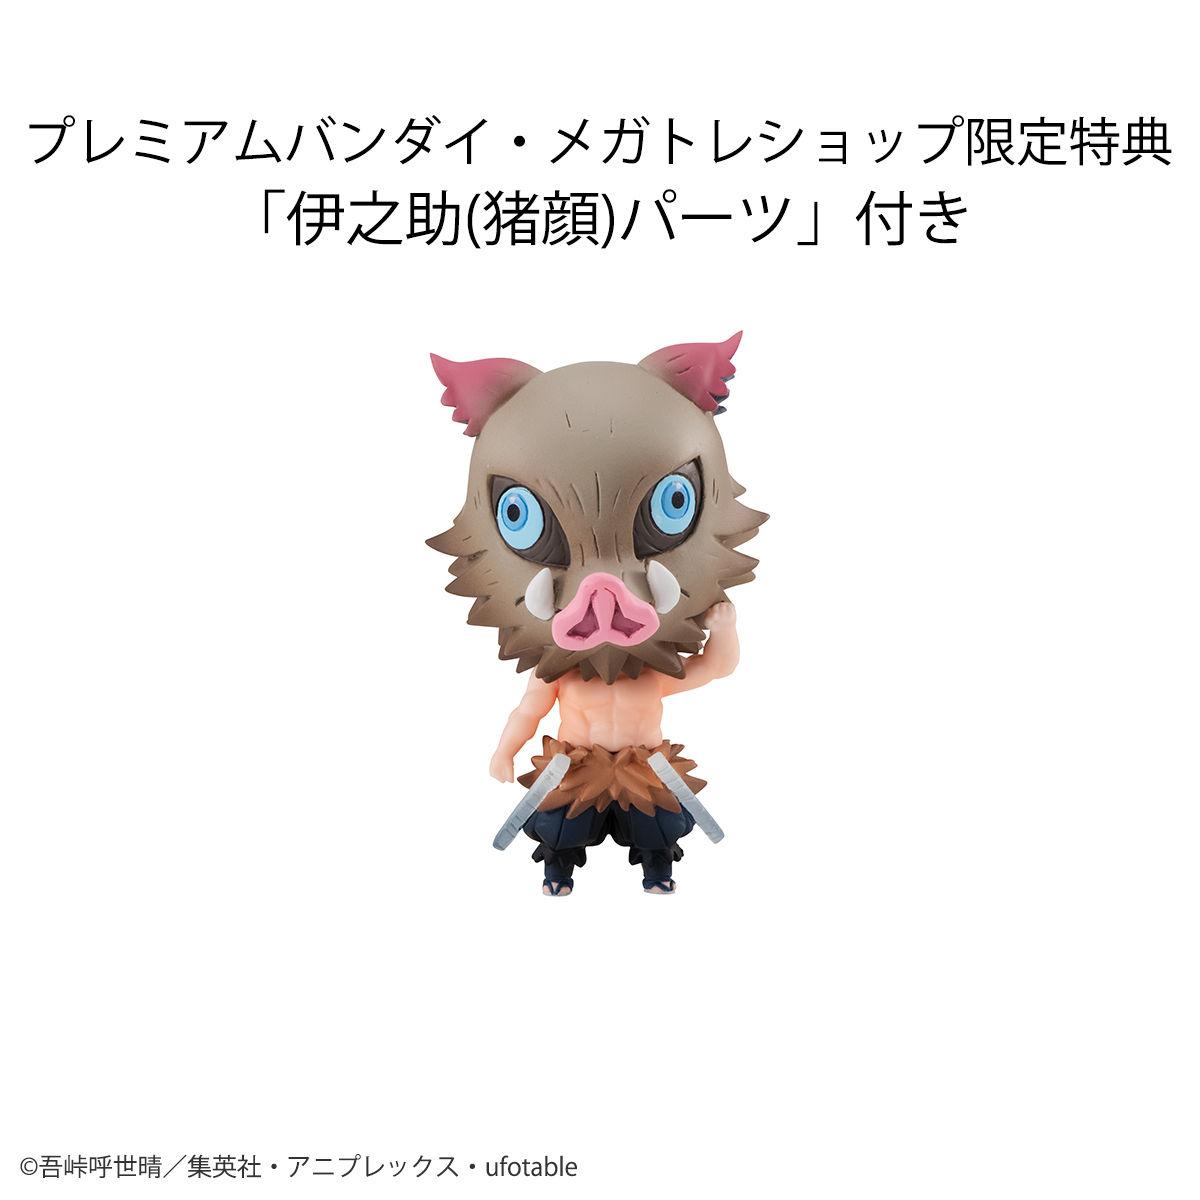 鬼滅の刃『炭治郎の仲間たちマスコットセット』デフォルメフィギュア-020